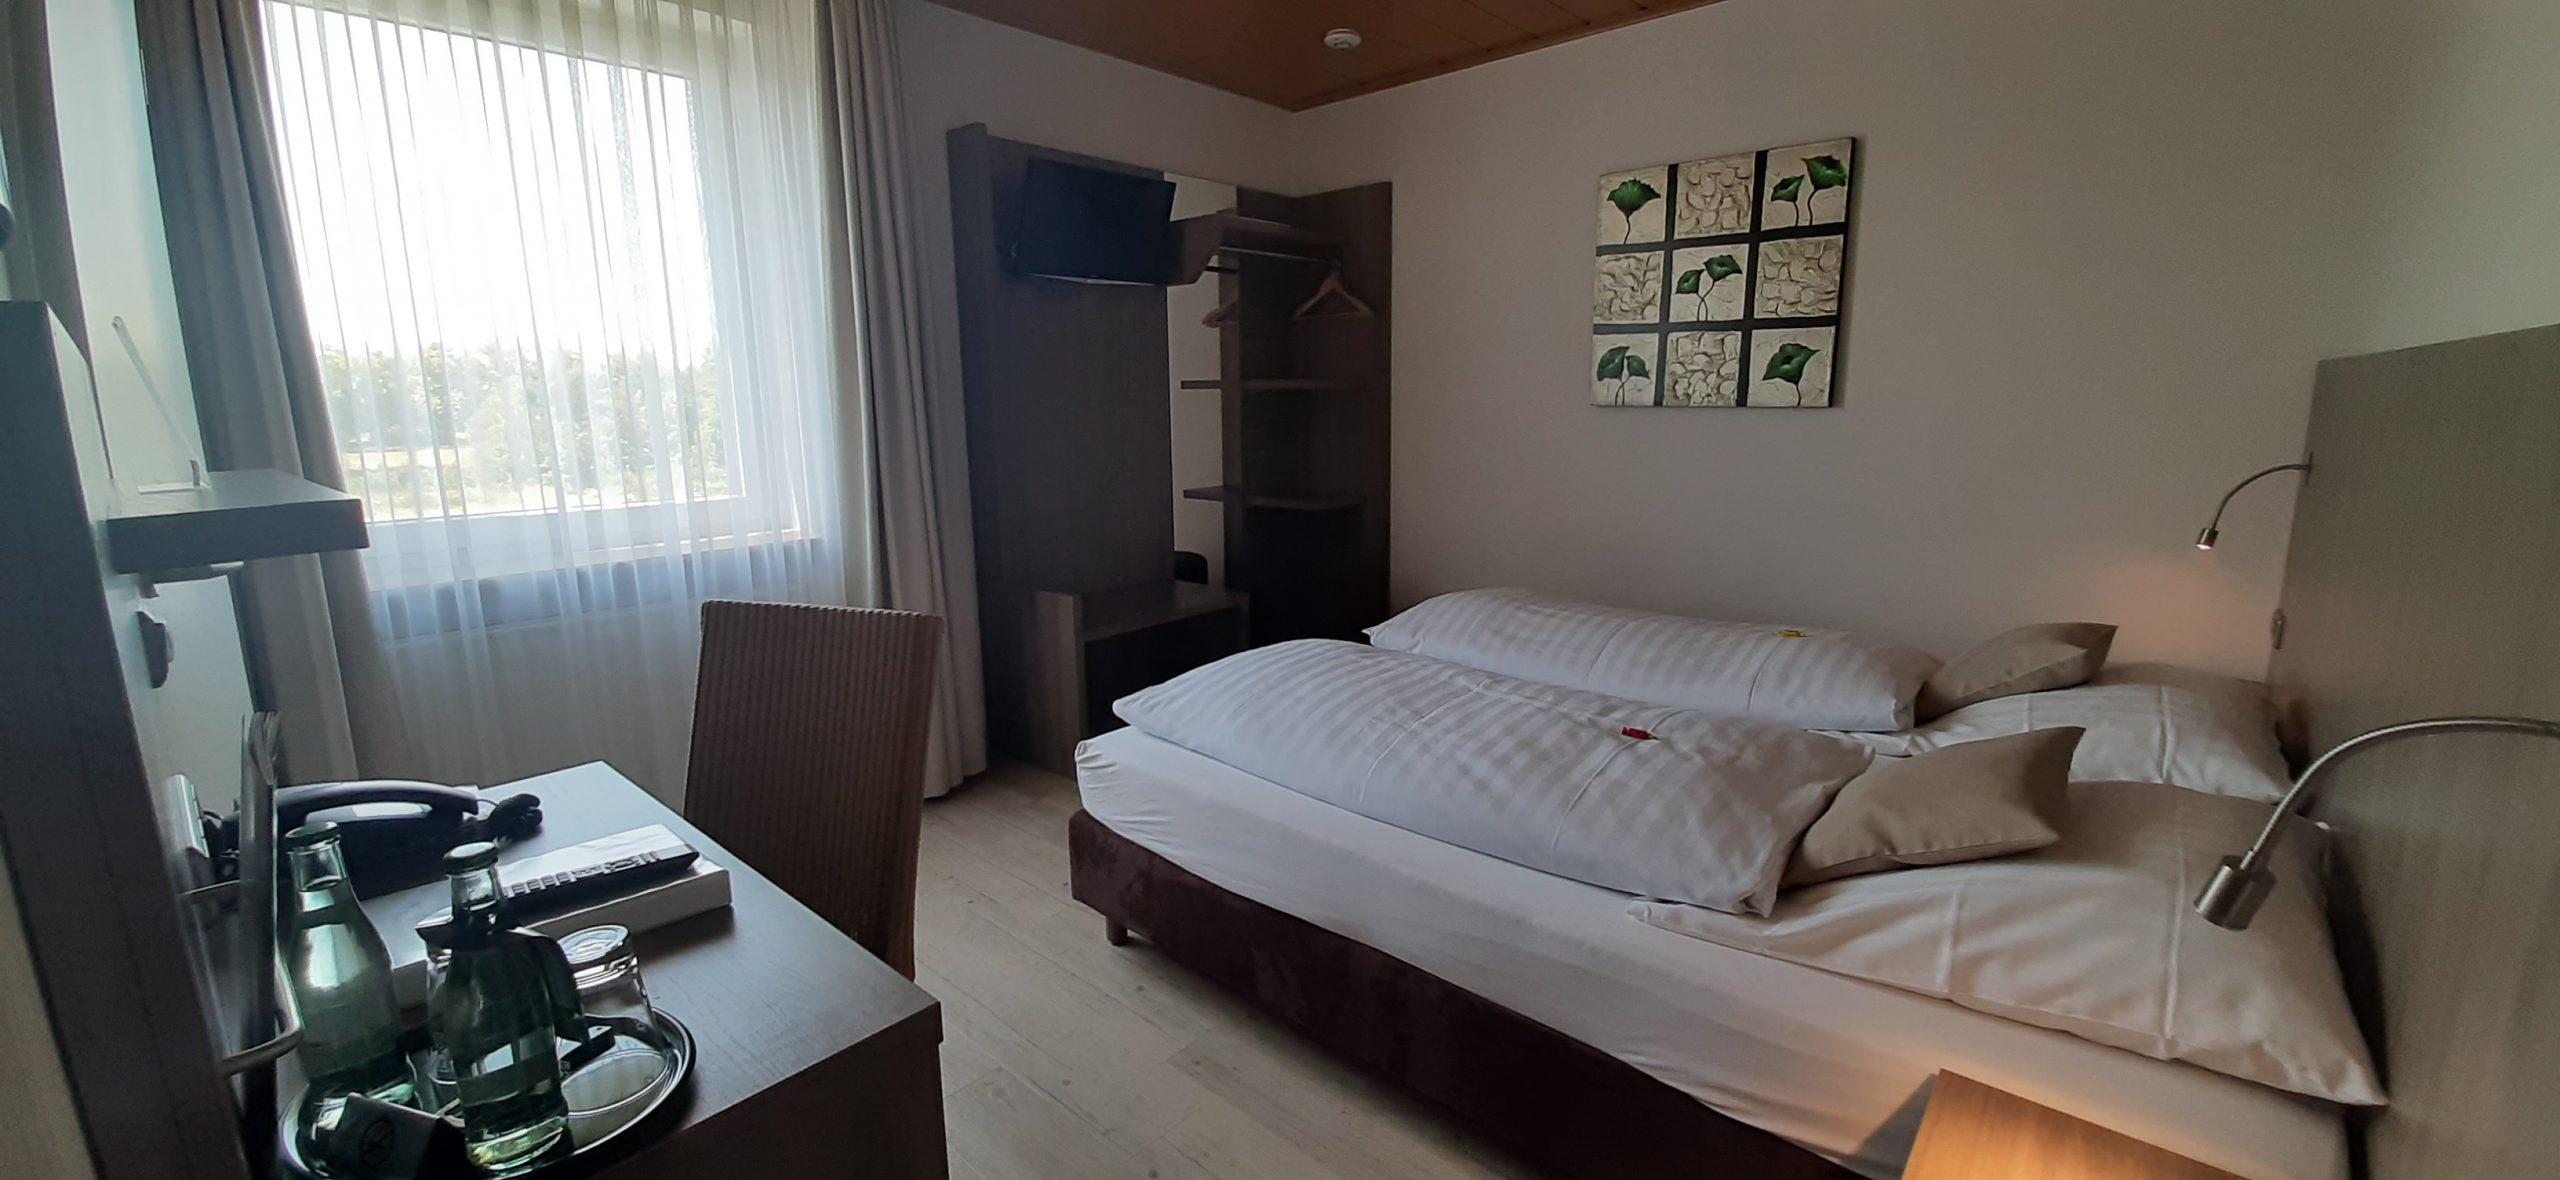 Doppelzimmer 13